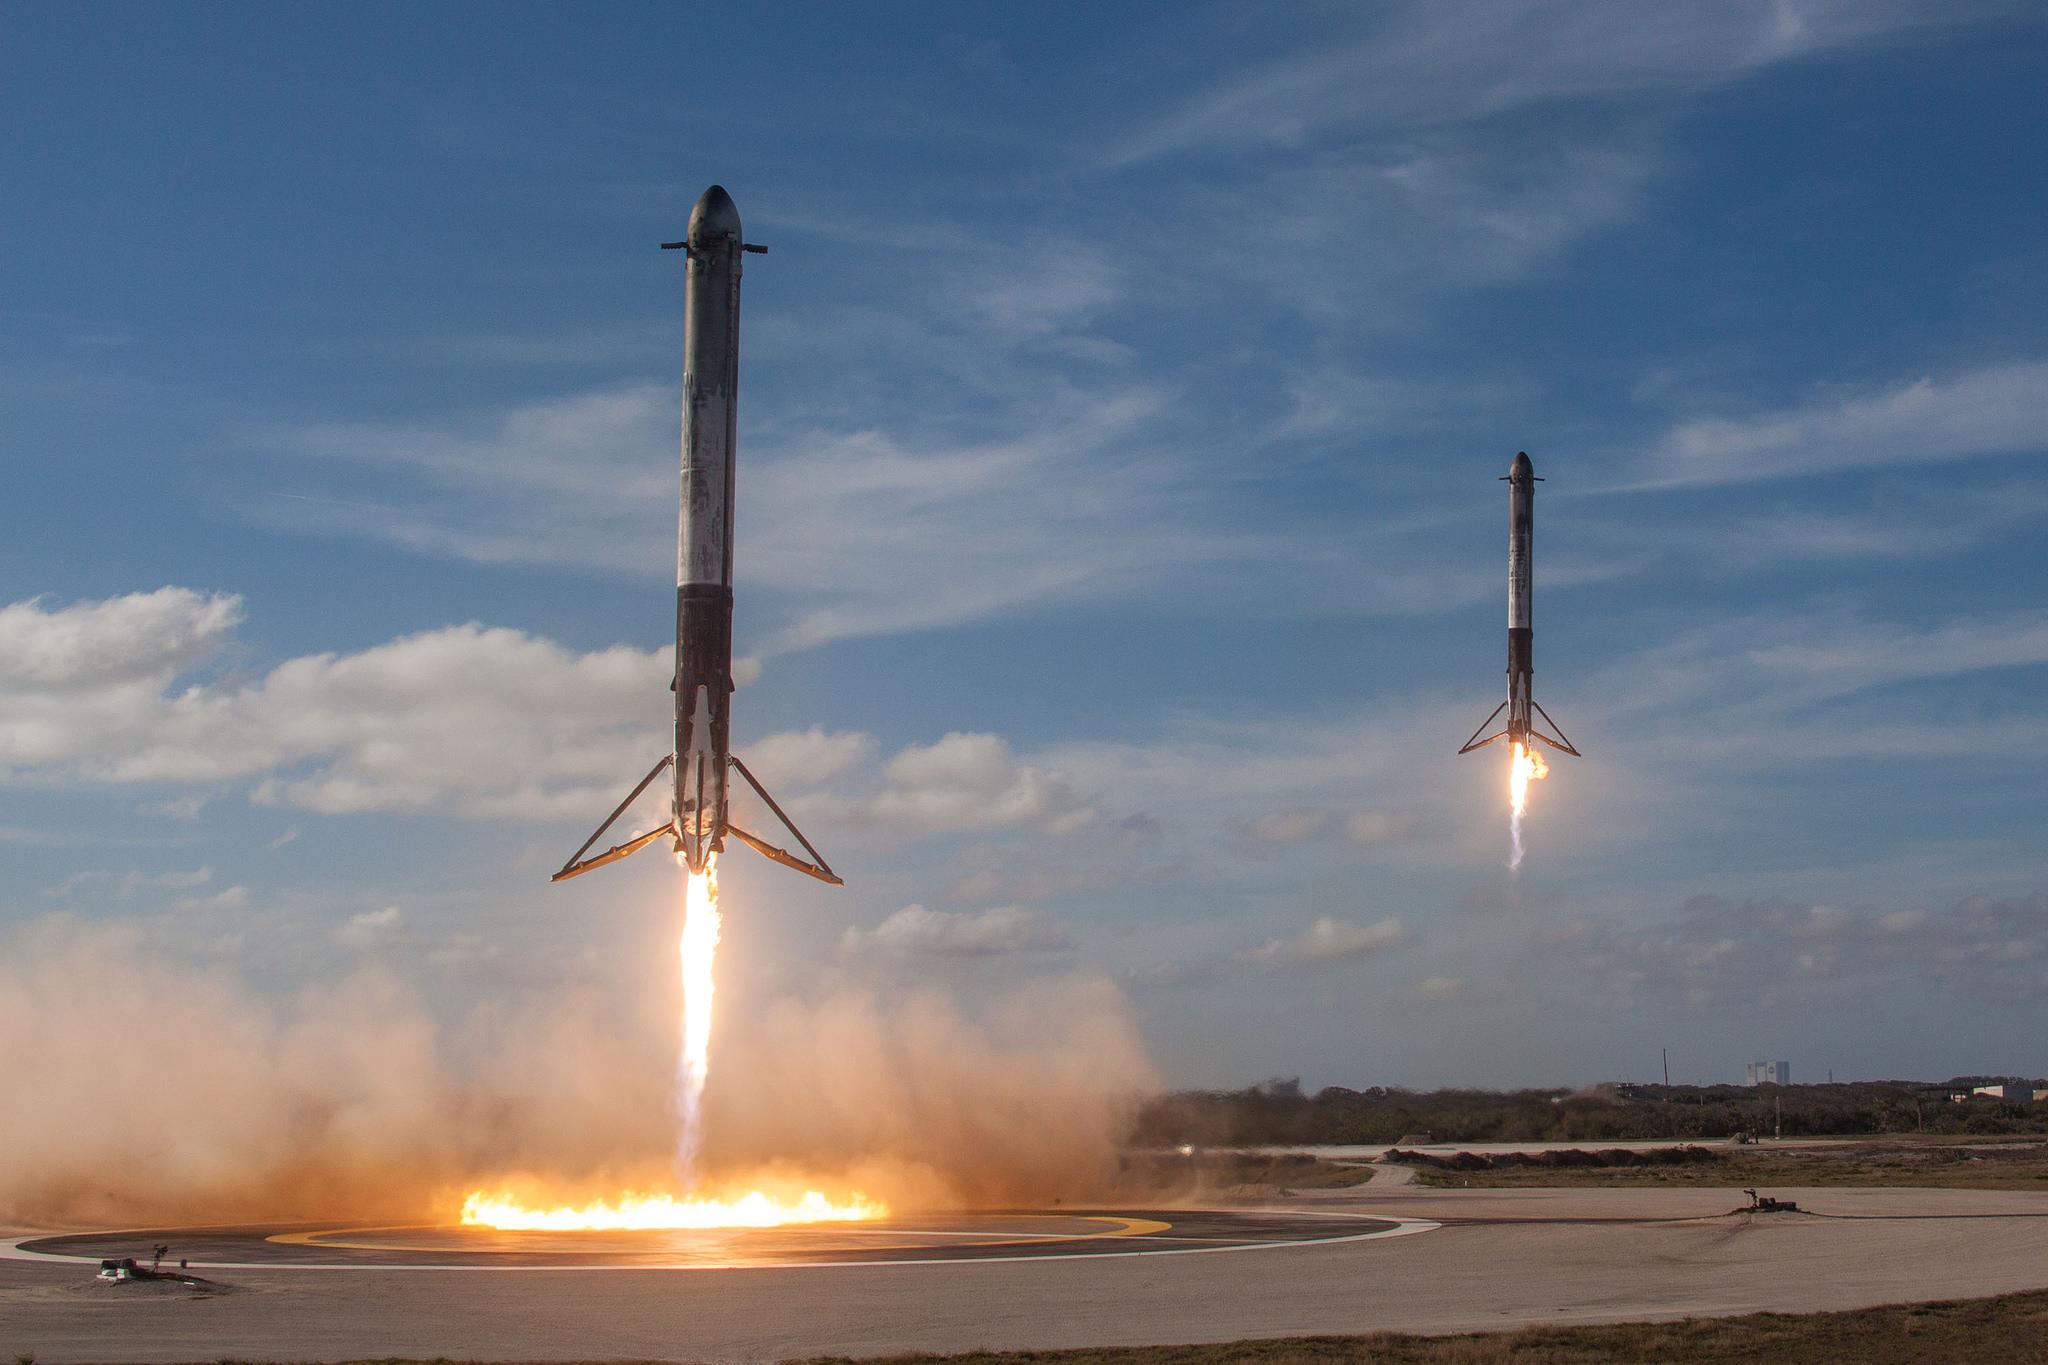 призеслення бокових ступінів Falcon Heavy